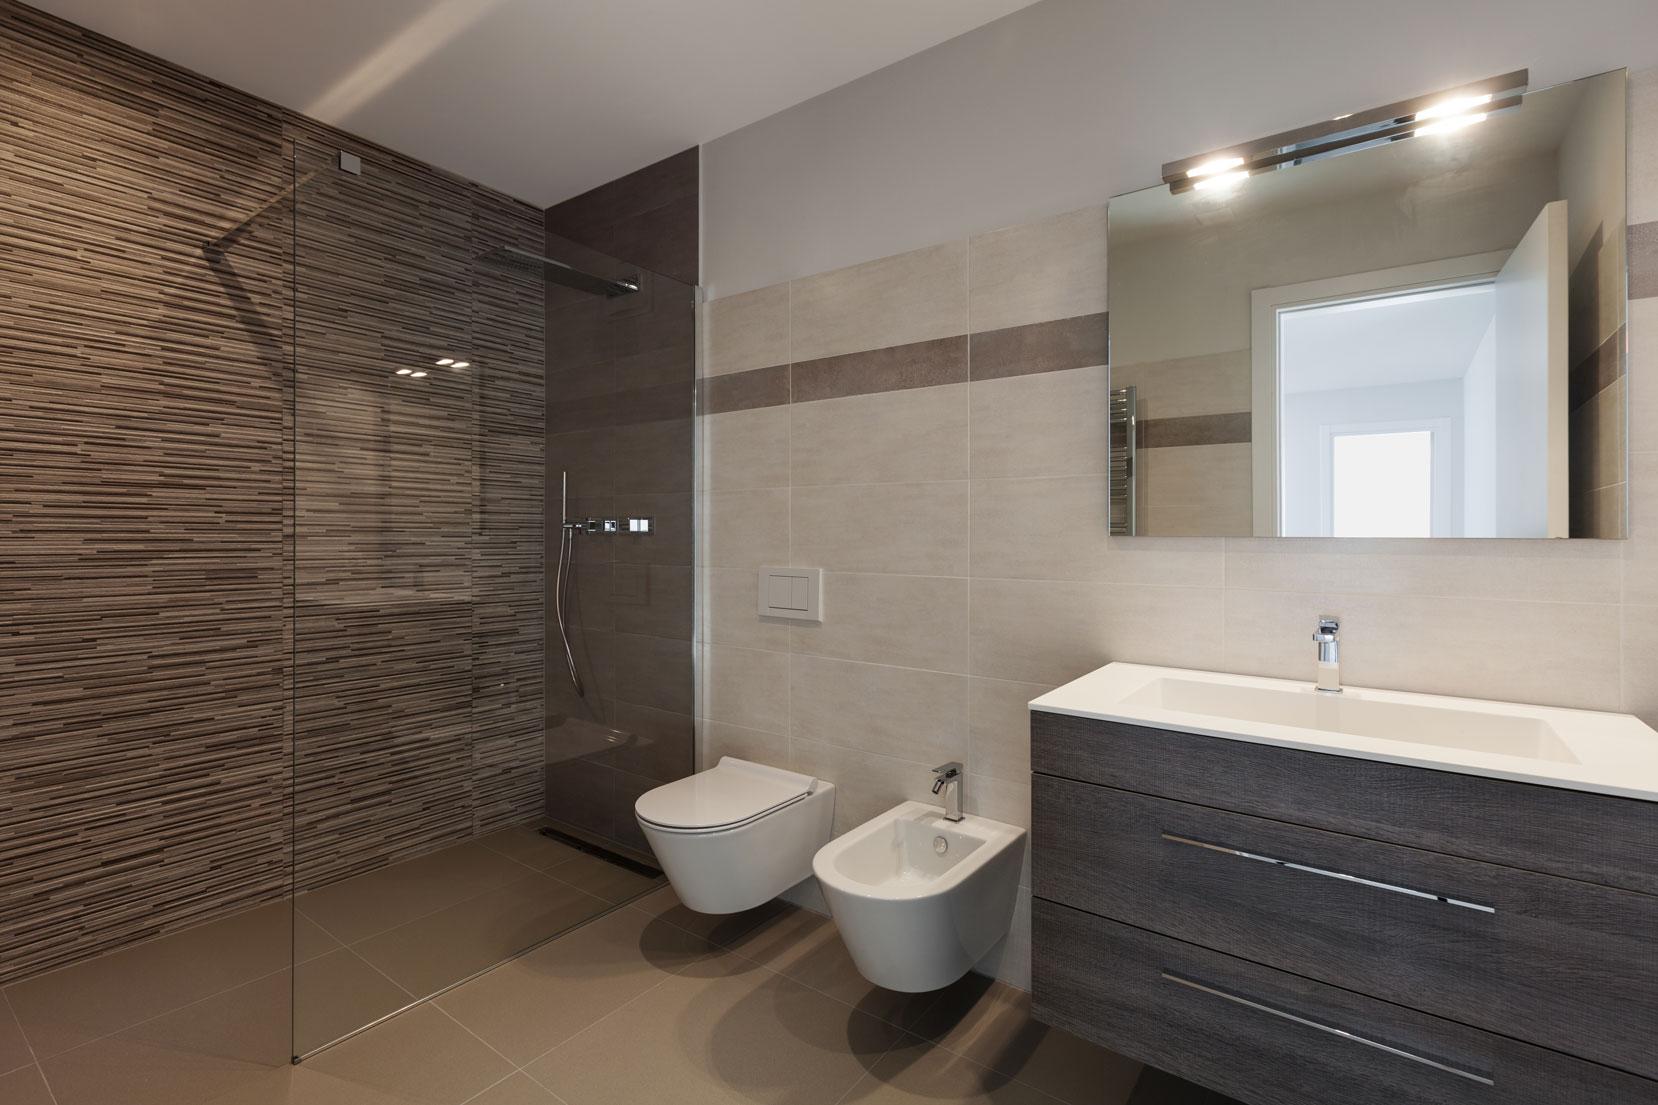 fern infrarot spiegelheizung neueste technologie 450w elektro glas heizung elten. Black Bedroom Furniture Sets. Home Design Ideas